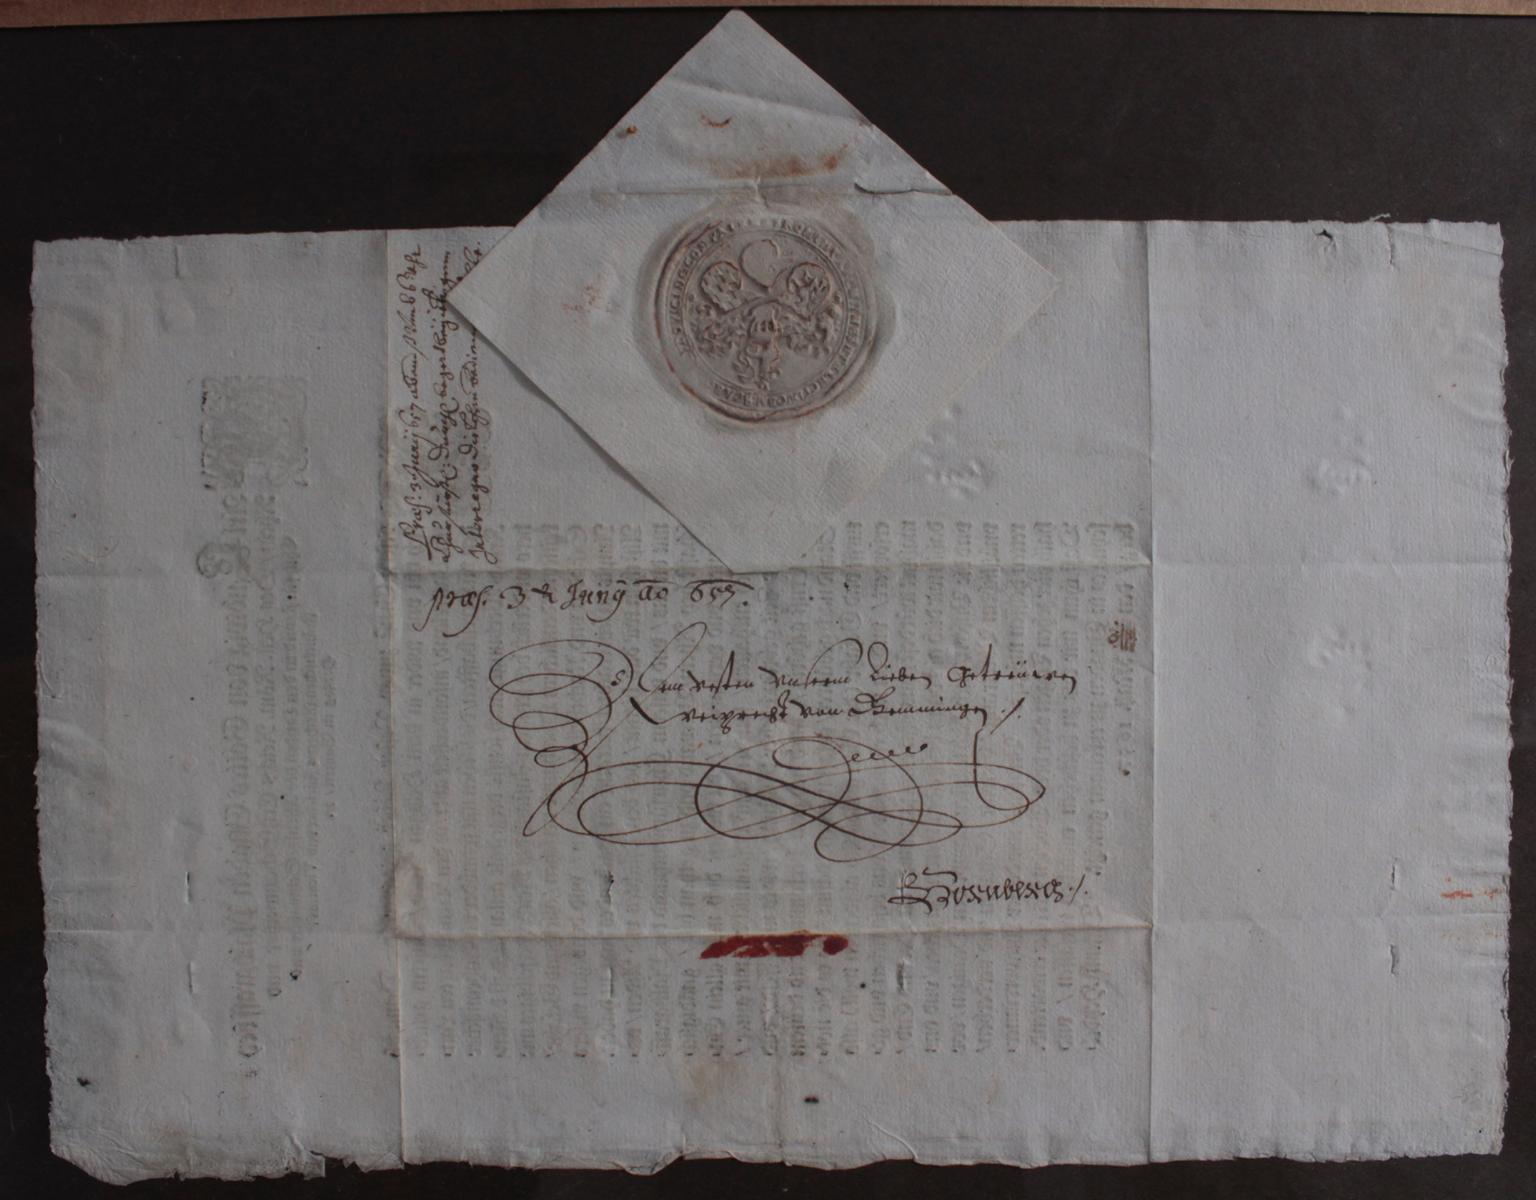 Samlung Altbriefe, Vorphilatelie, Meisterbrief und Dokumente-2